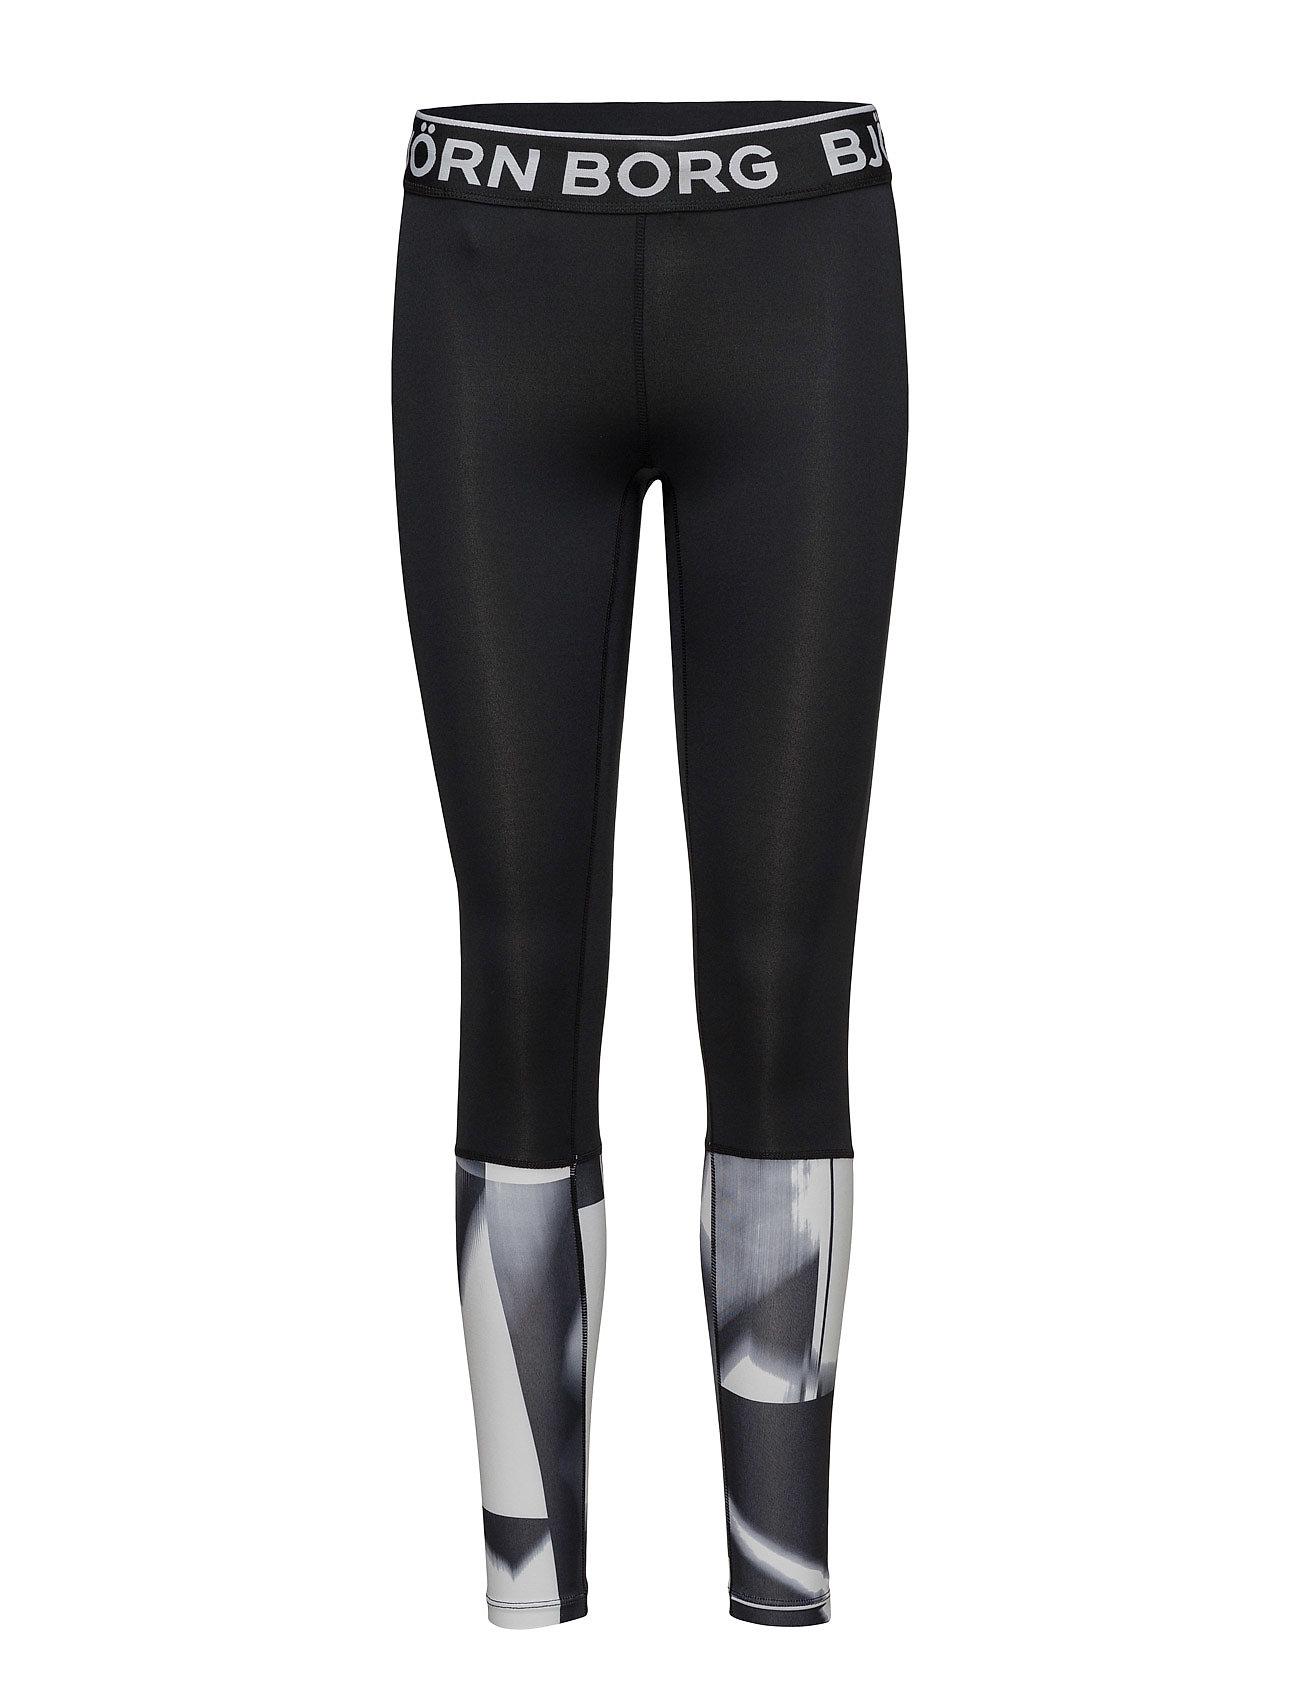 1p Tights Connie Bjˆrn Borg Trænings leggings til Damer i